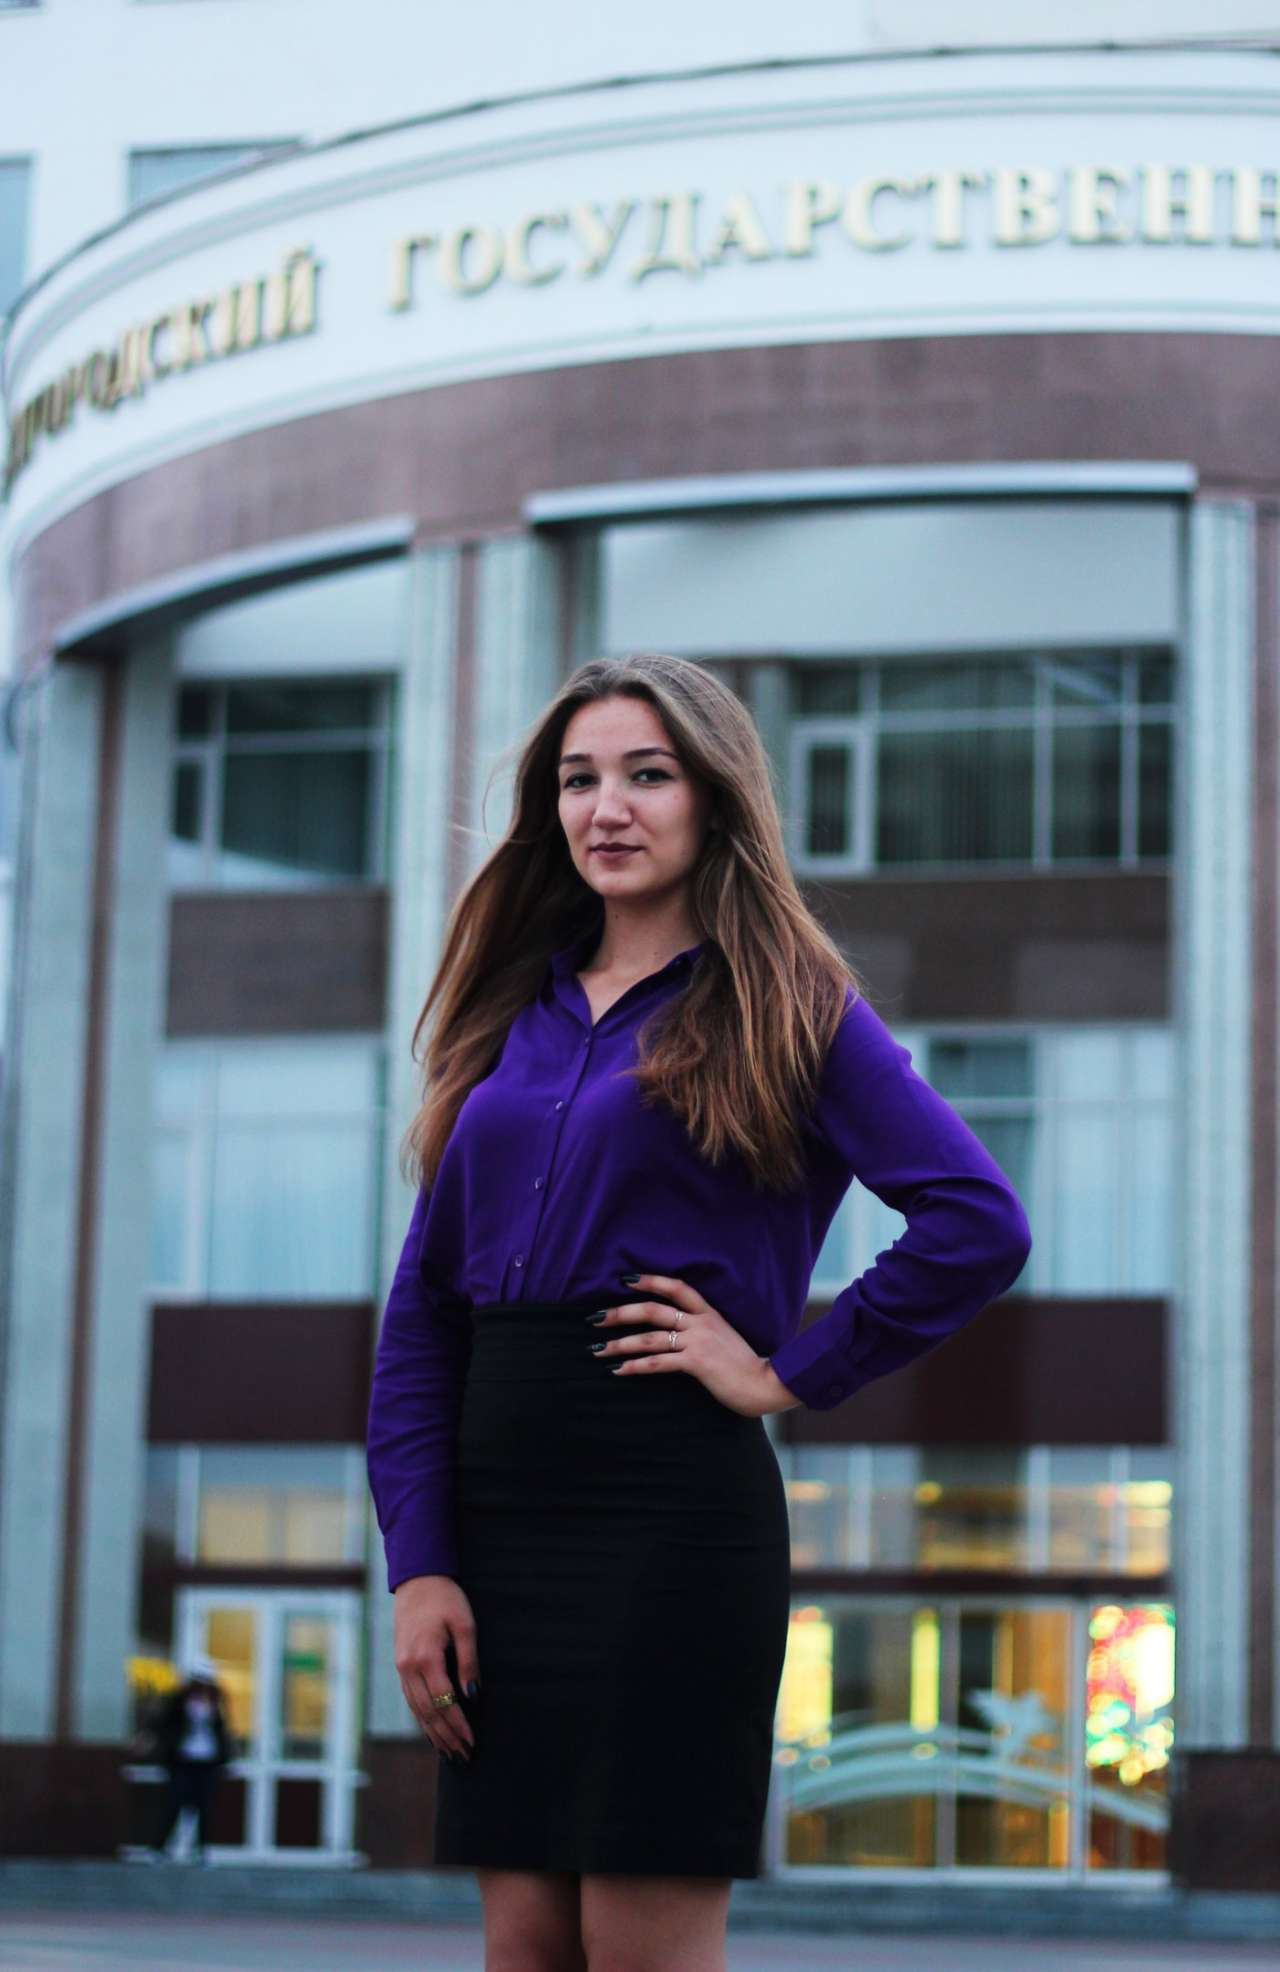 Белгородская студентка претендует на звание «Мисс студенчество России-2017»